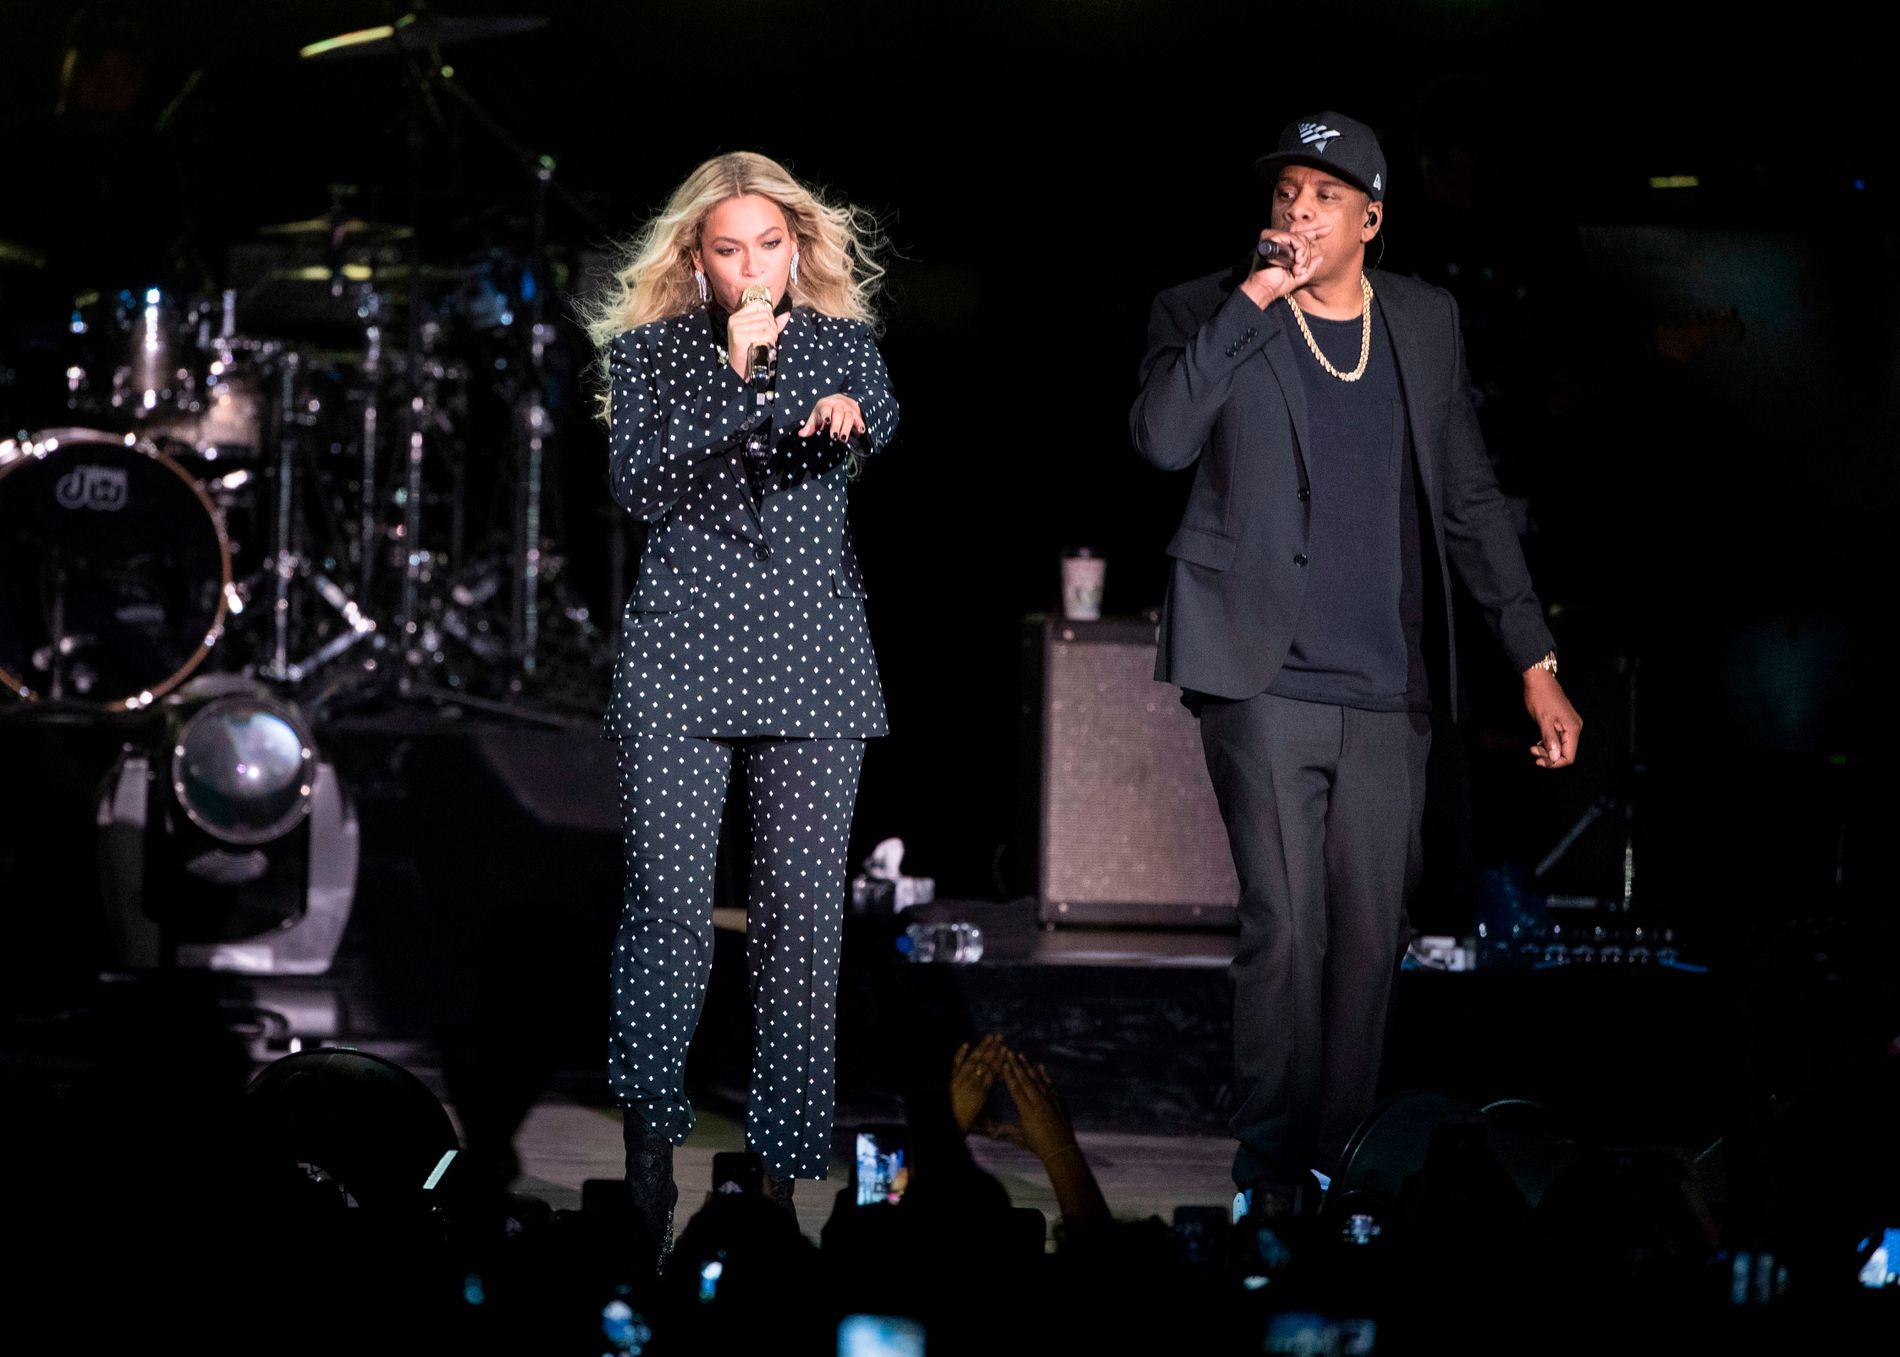 EIERE: Beyoncé og ektemannen Jay Z. Sistnevnte eier strømmeselskapet Tidal og kona er medeier.